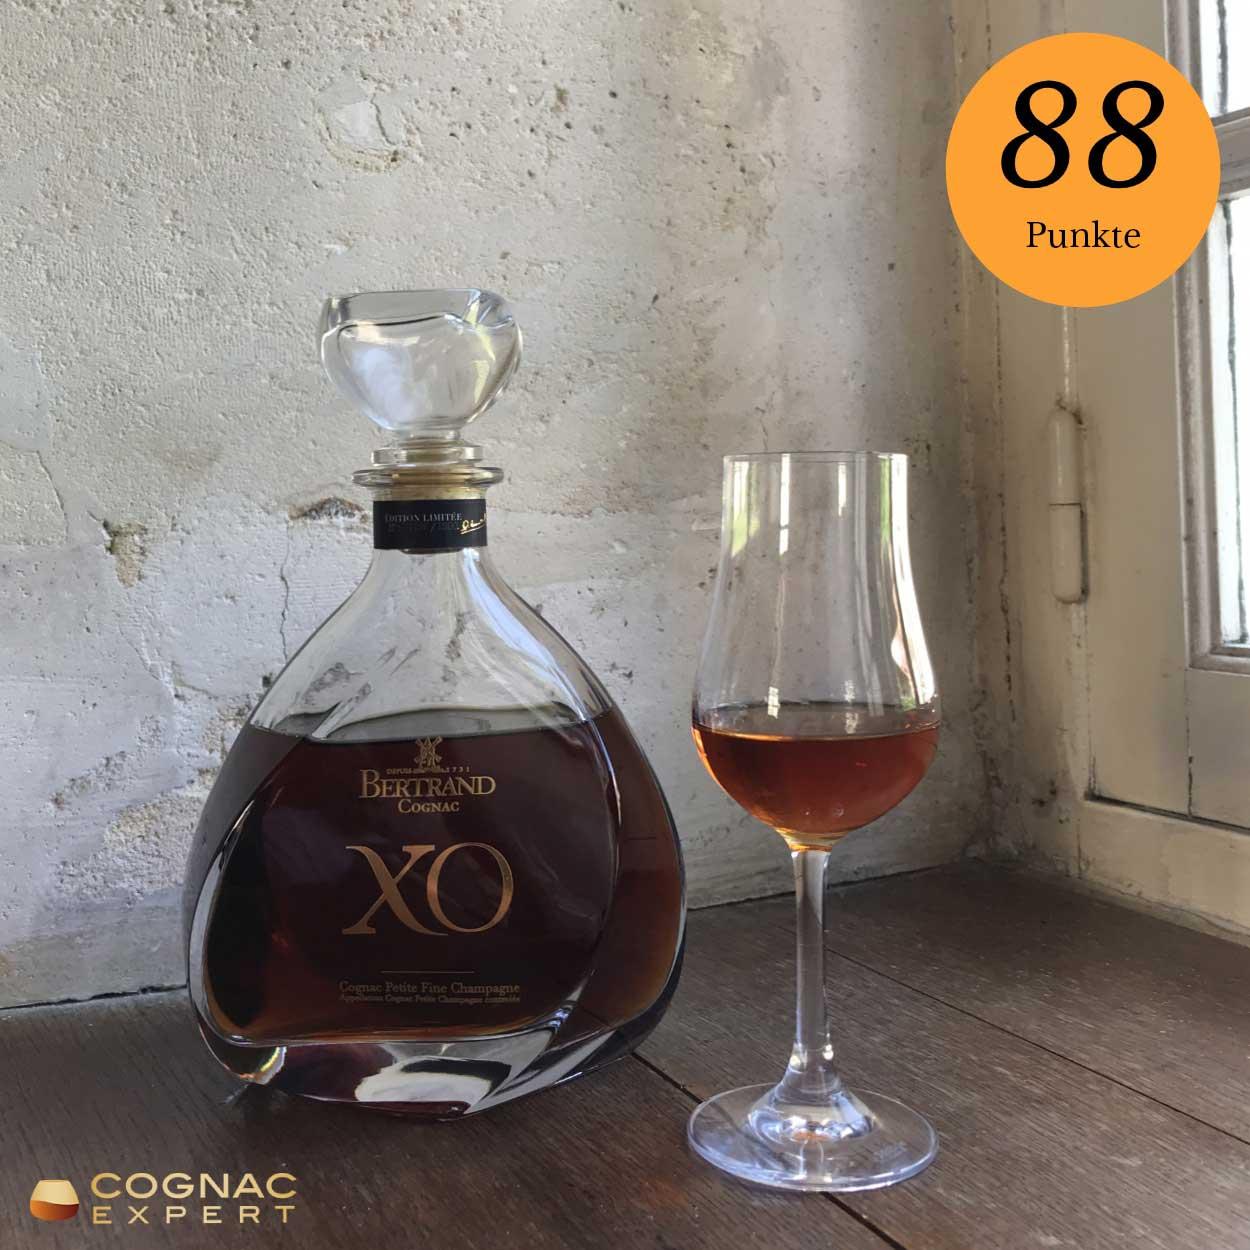 Bertrand XO Cognac